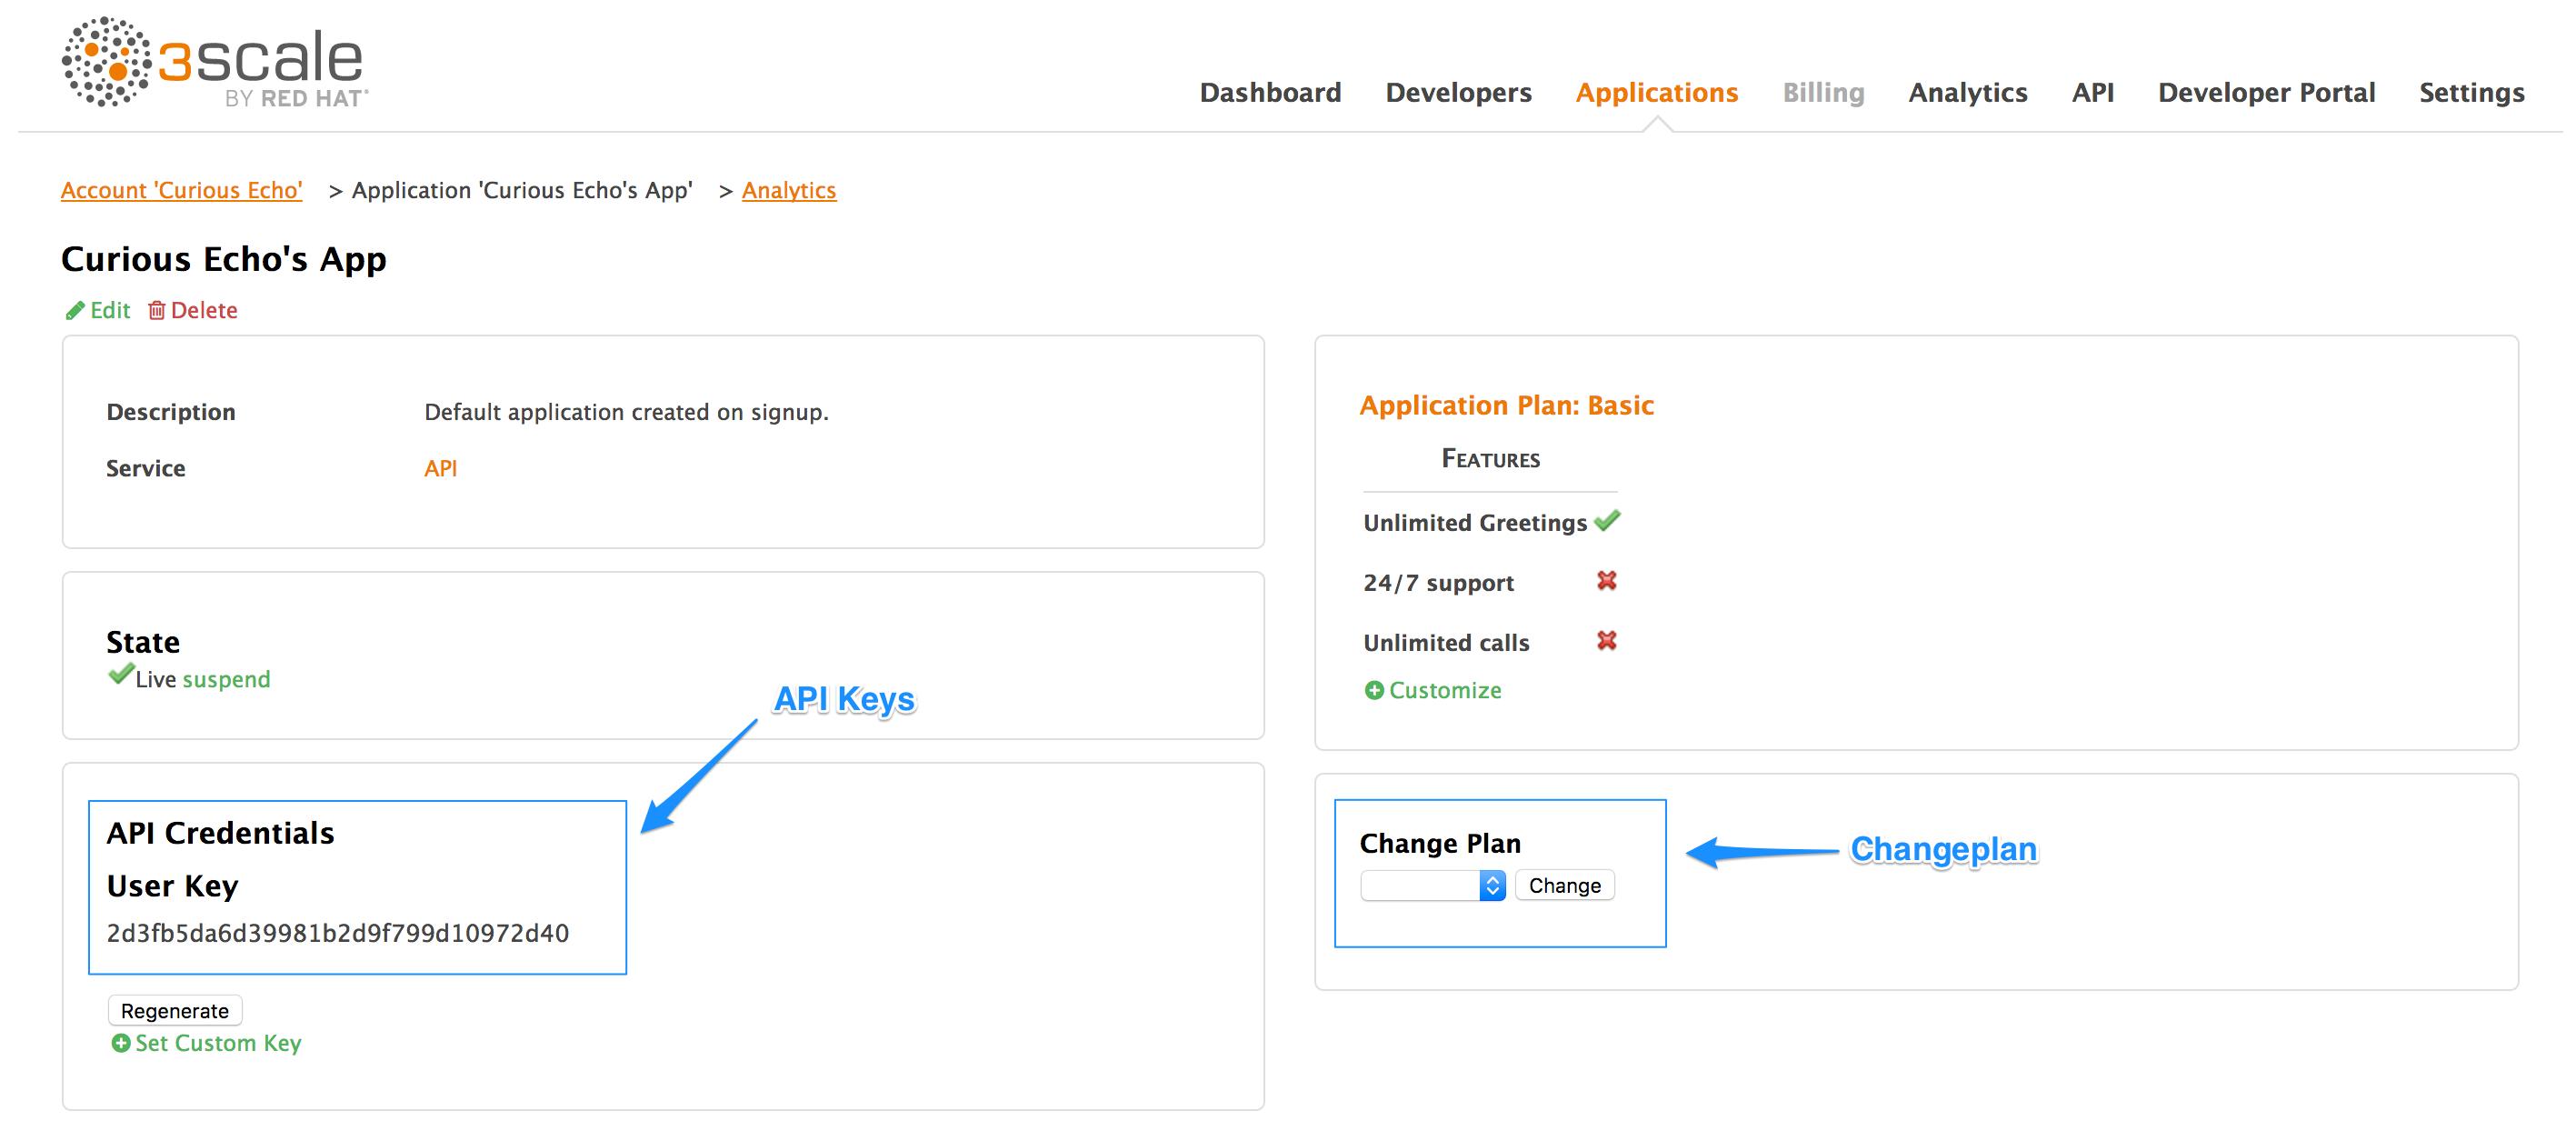 API keys and change plans